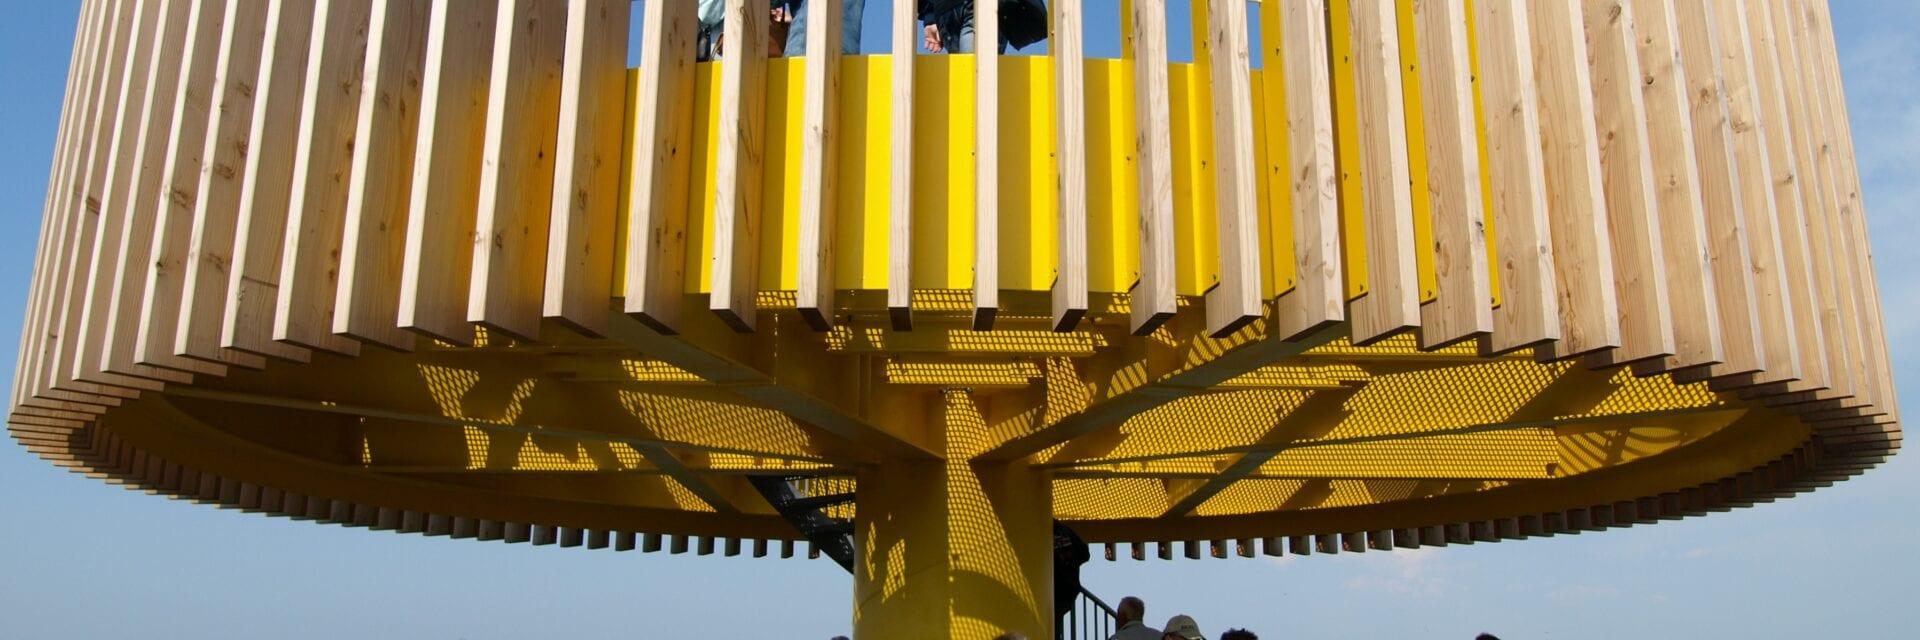 Wij kijken uit over het water van de Waddenzee. In het midden van de foto zien we het belevingspunt bij Den Oever. Dit is een gele toren met twee schijven op elkaar. We staan ten hoogte van de eerste schijf en kijken tegen de bovenste schijf aan. Er staan veel mensen op de toren.